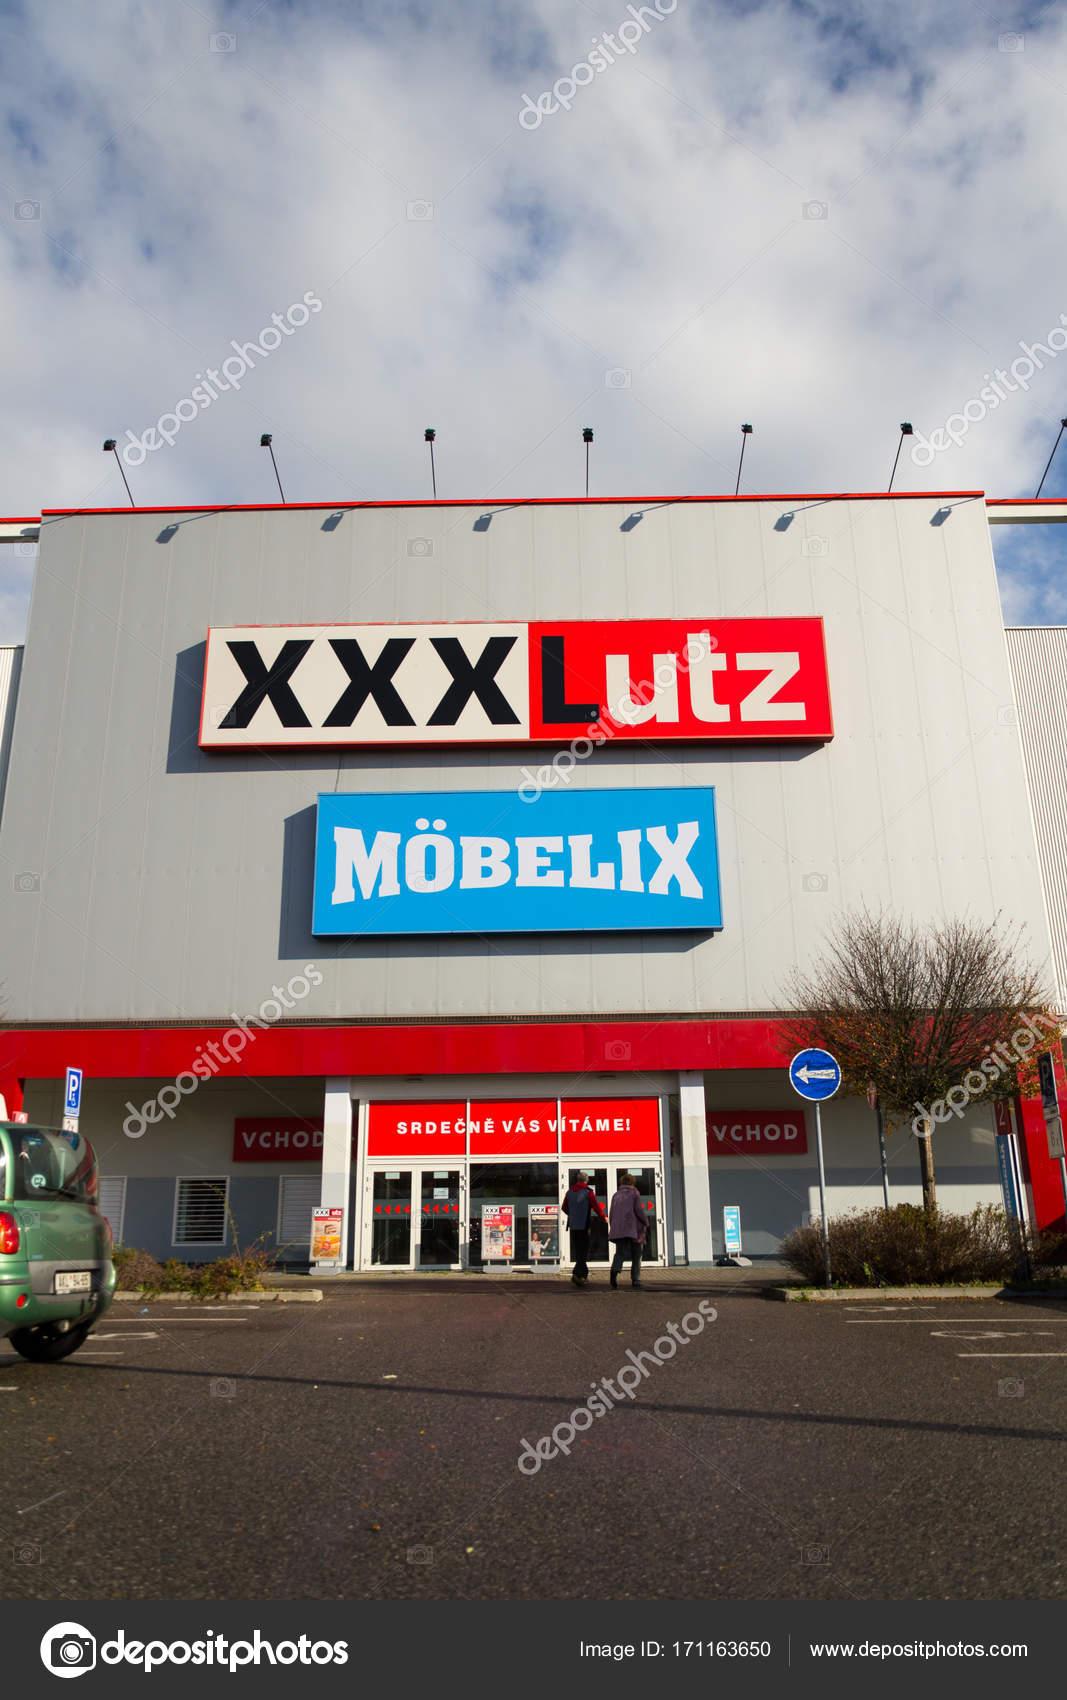 Xxxlutz Mobelix Corporation Logo Auf Supermarkt Gebäude